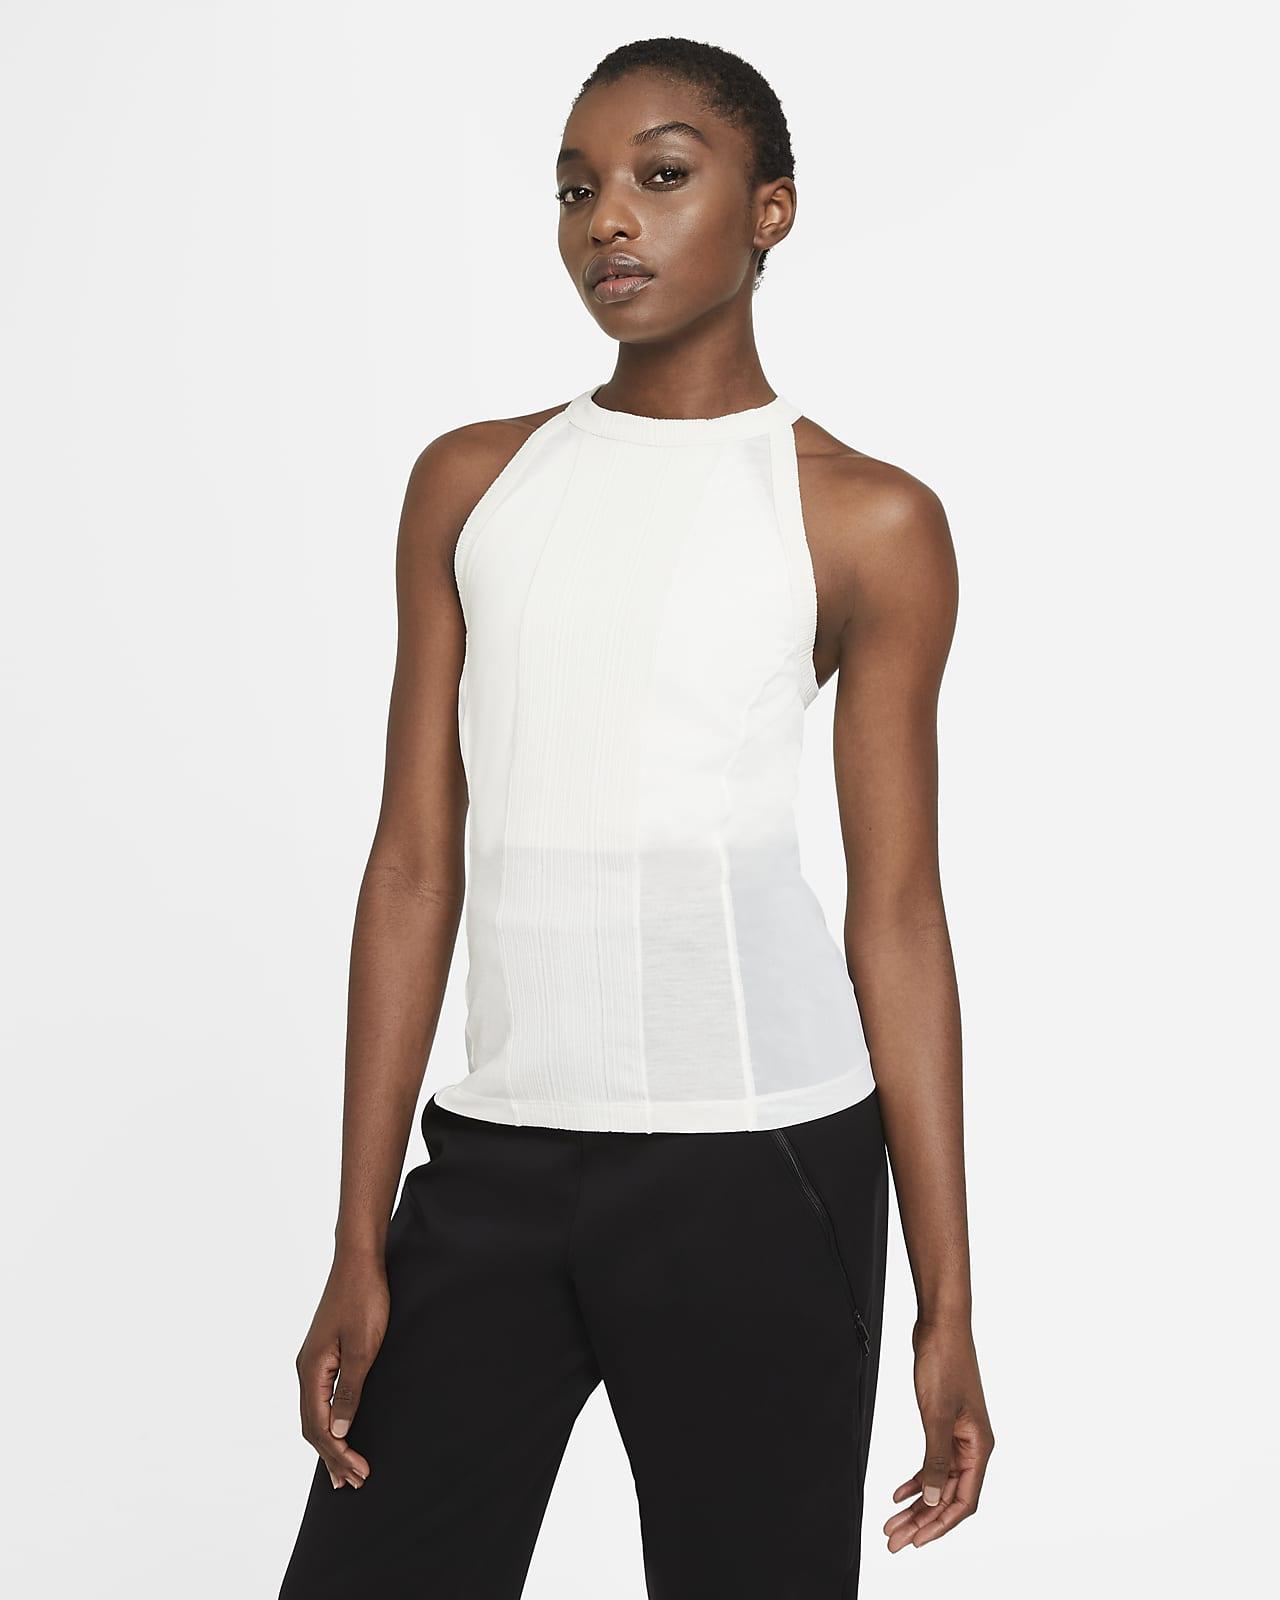 Γυναικείο φανελάκι προπόνησης Nike City Ready